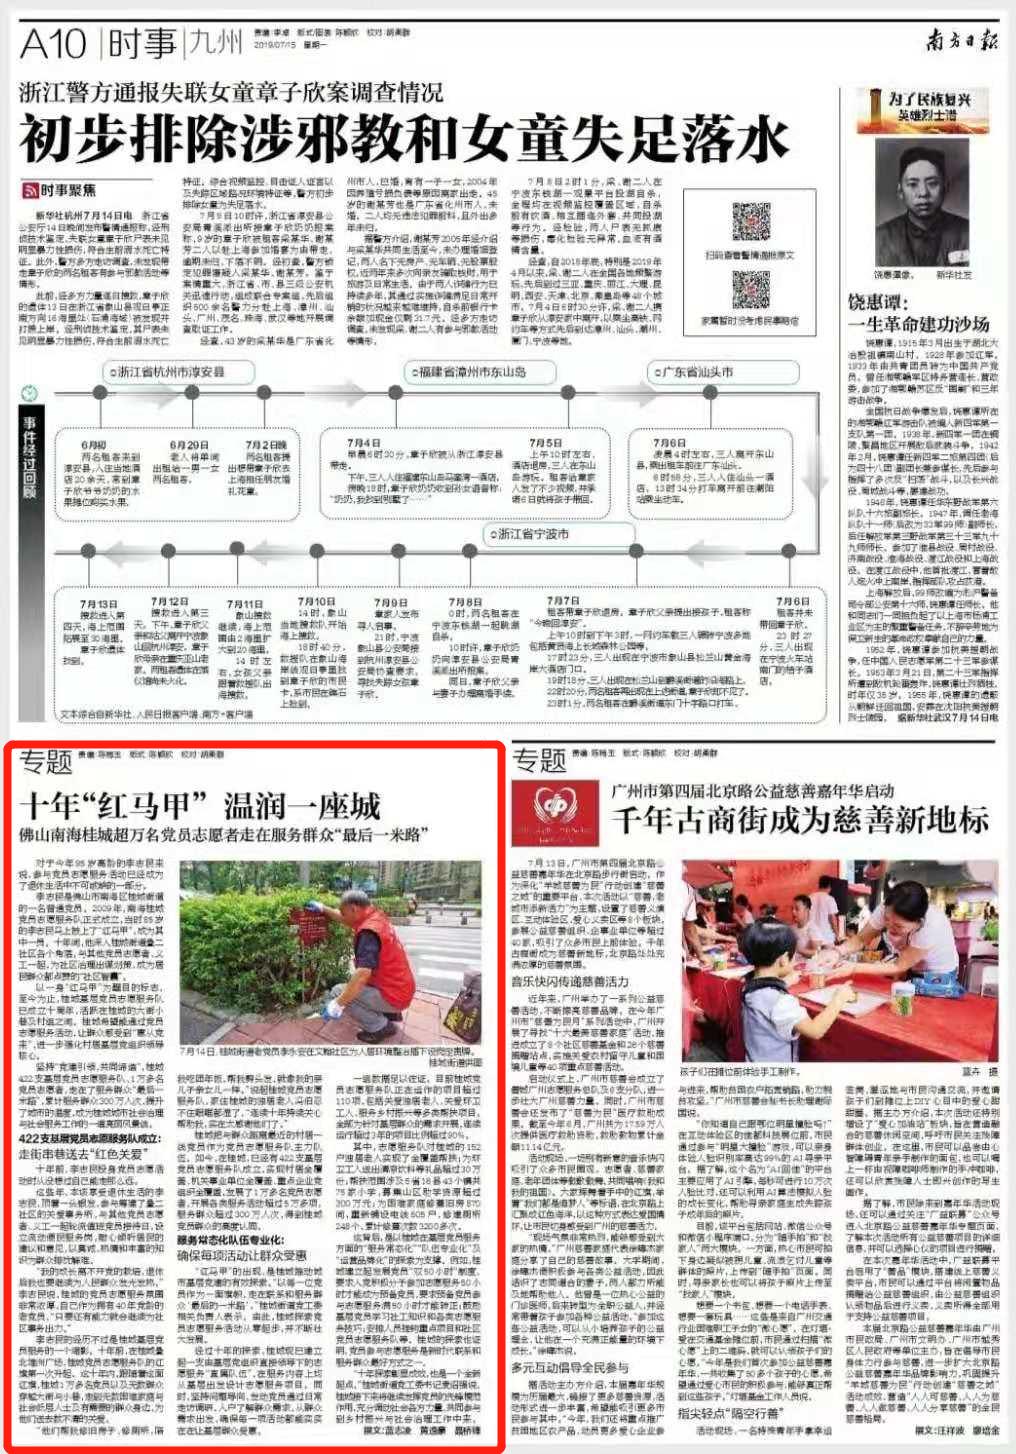 2019年7月15日《南方日报》相关报道版面图